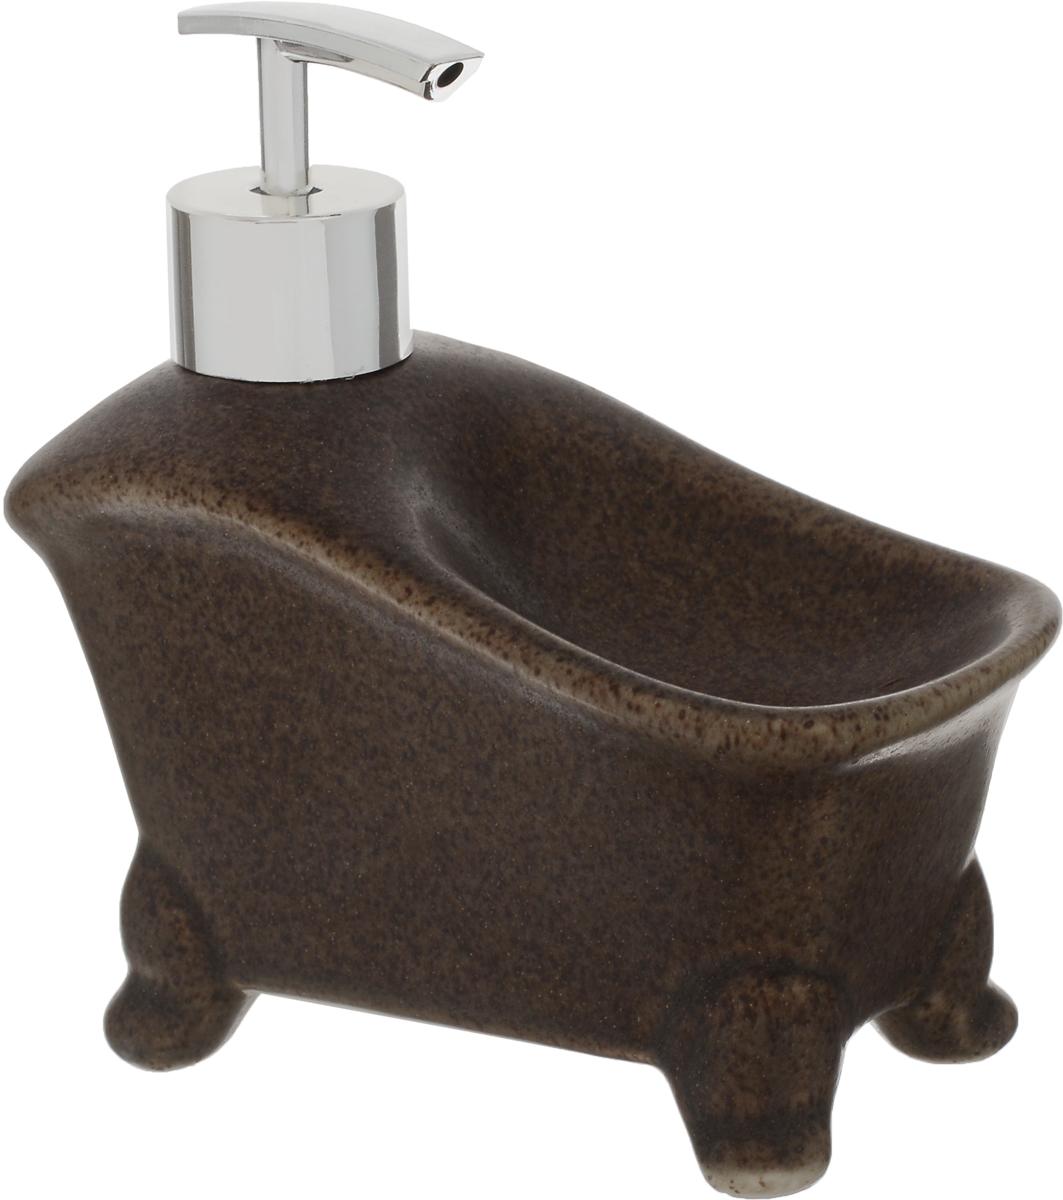 Дозатор для жидкого мыла Elrington, с подставкой  губки. FJH-10771-A202